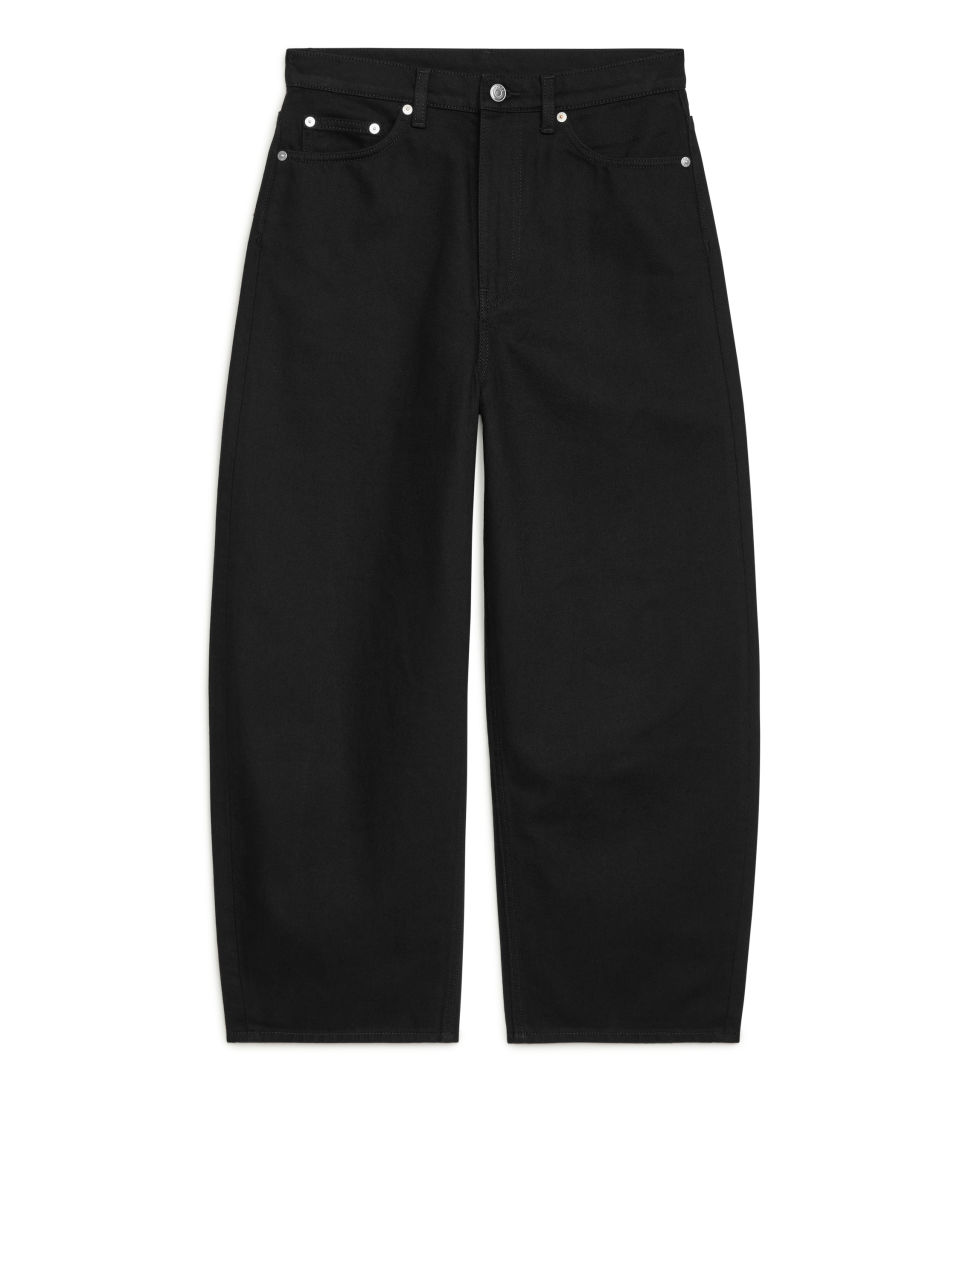 BARREL CROPPED Jeans - Black